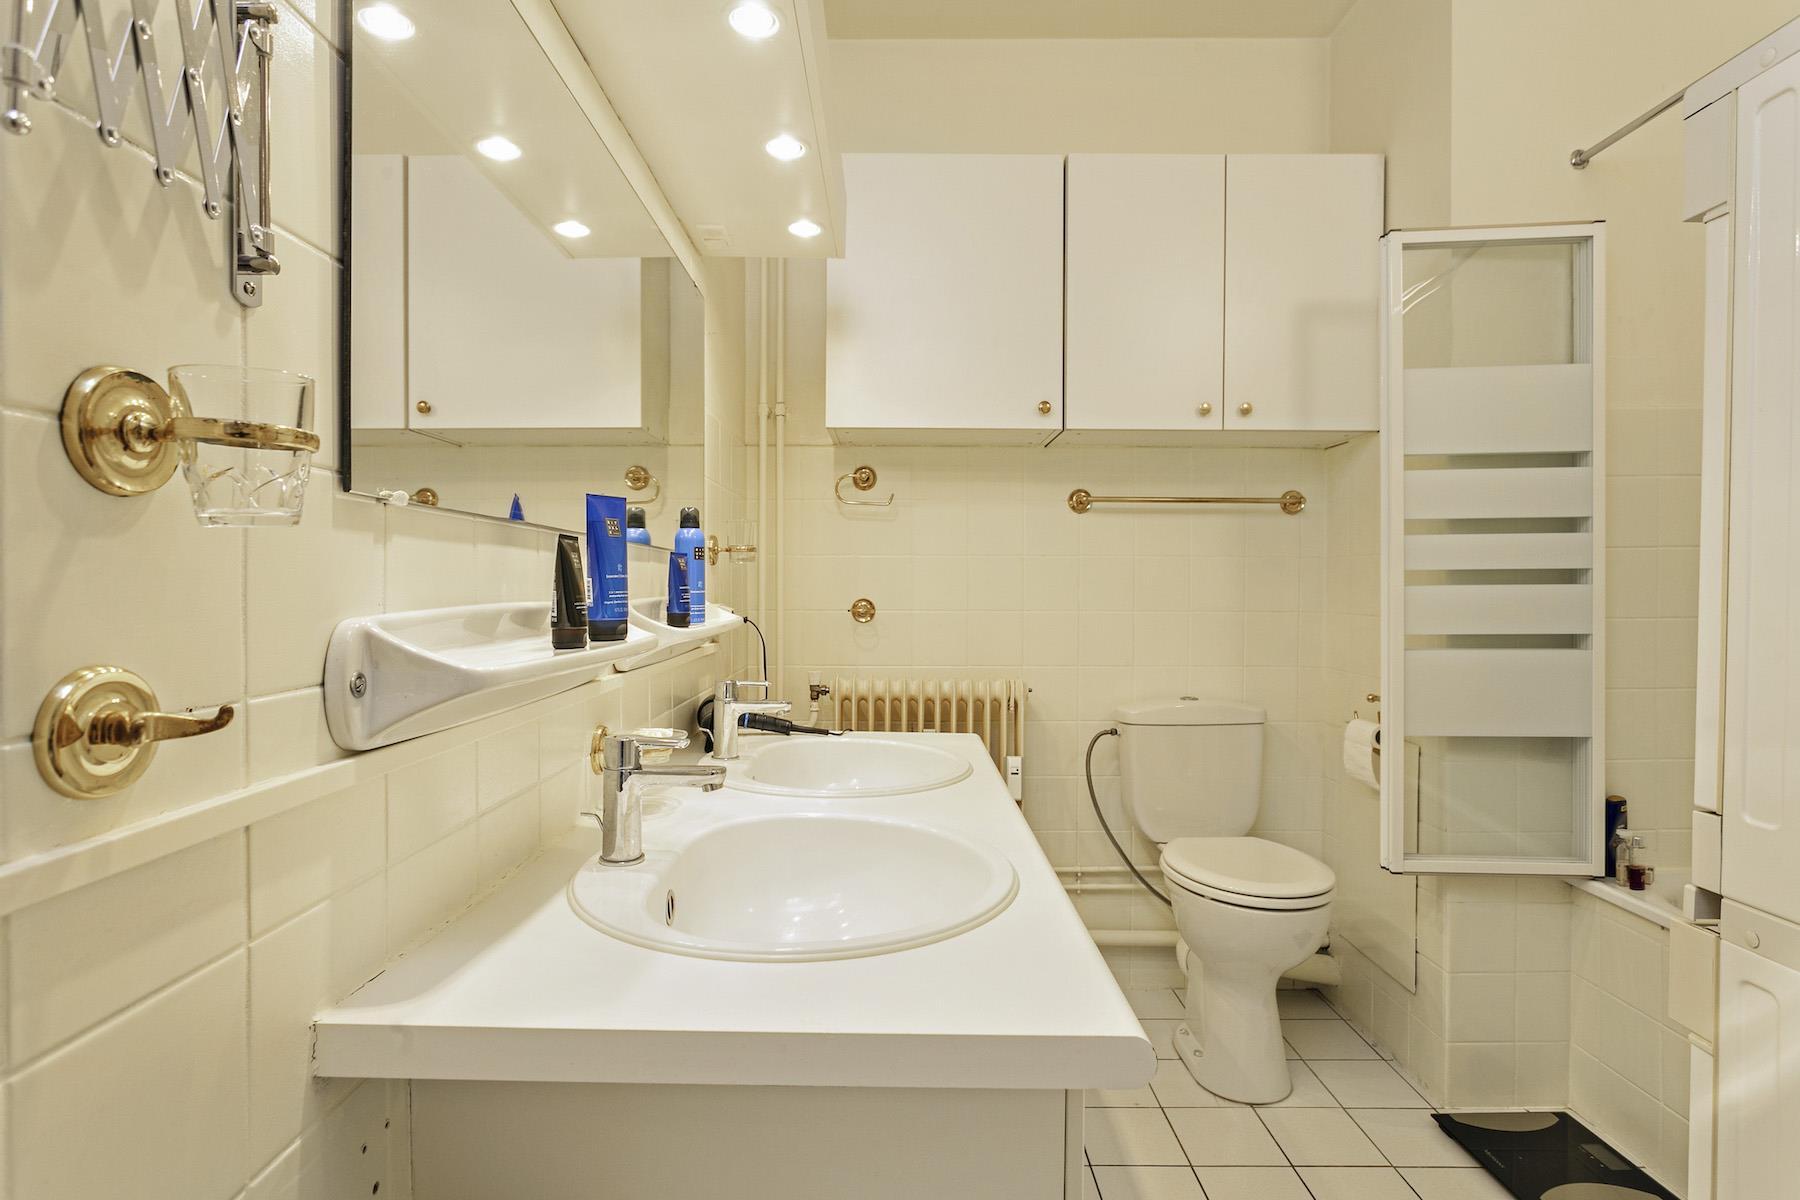 Makelaarskantoor De Meester, Appartement|Appartement te 2610 Antwerpen Wilrijk